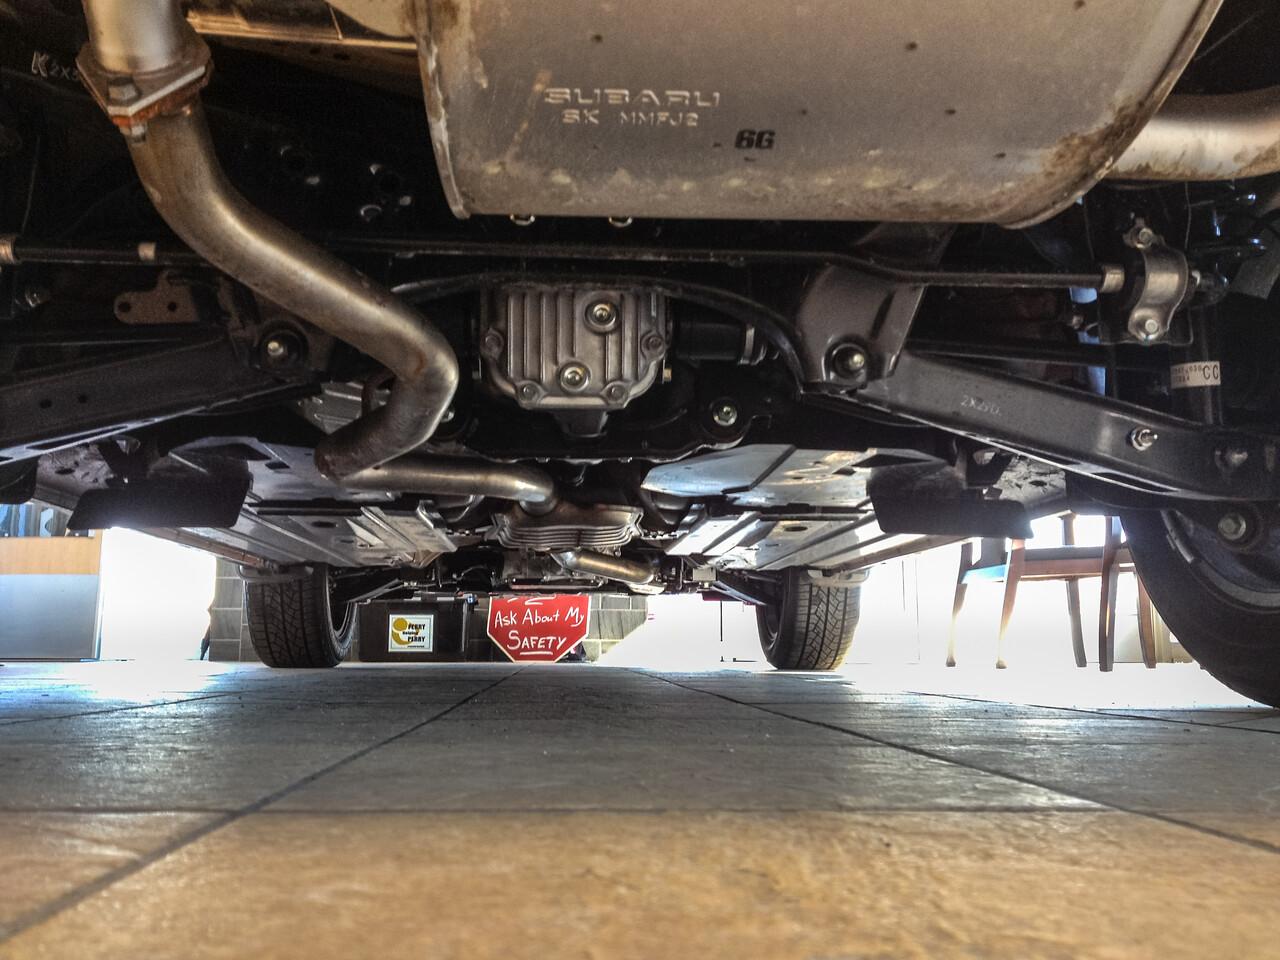 2013 Subaru Crosstrek Underside